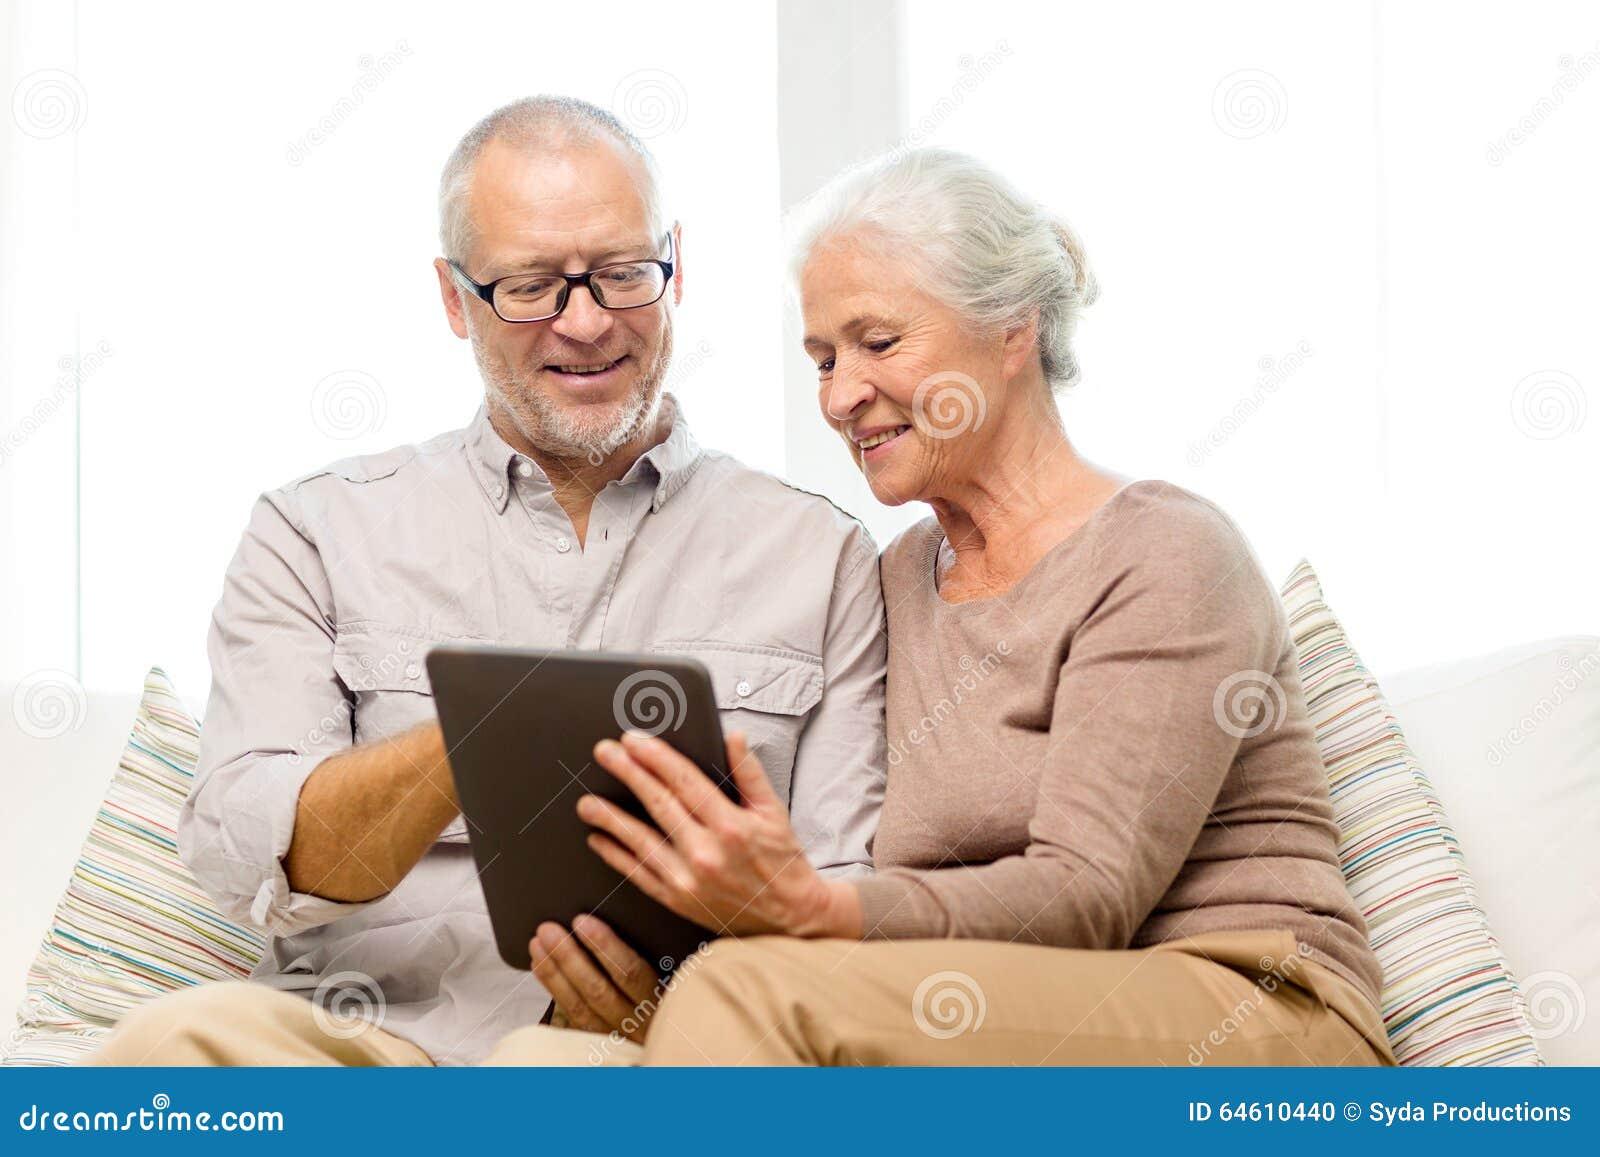 sunrise senior living online application